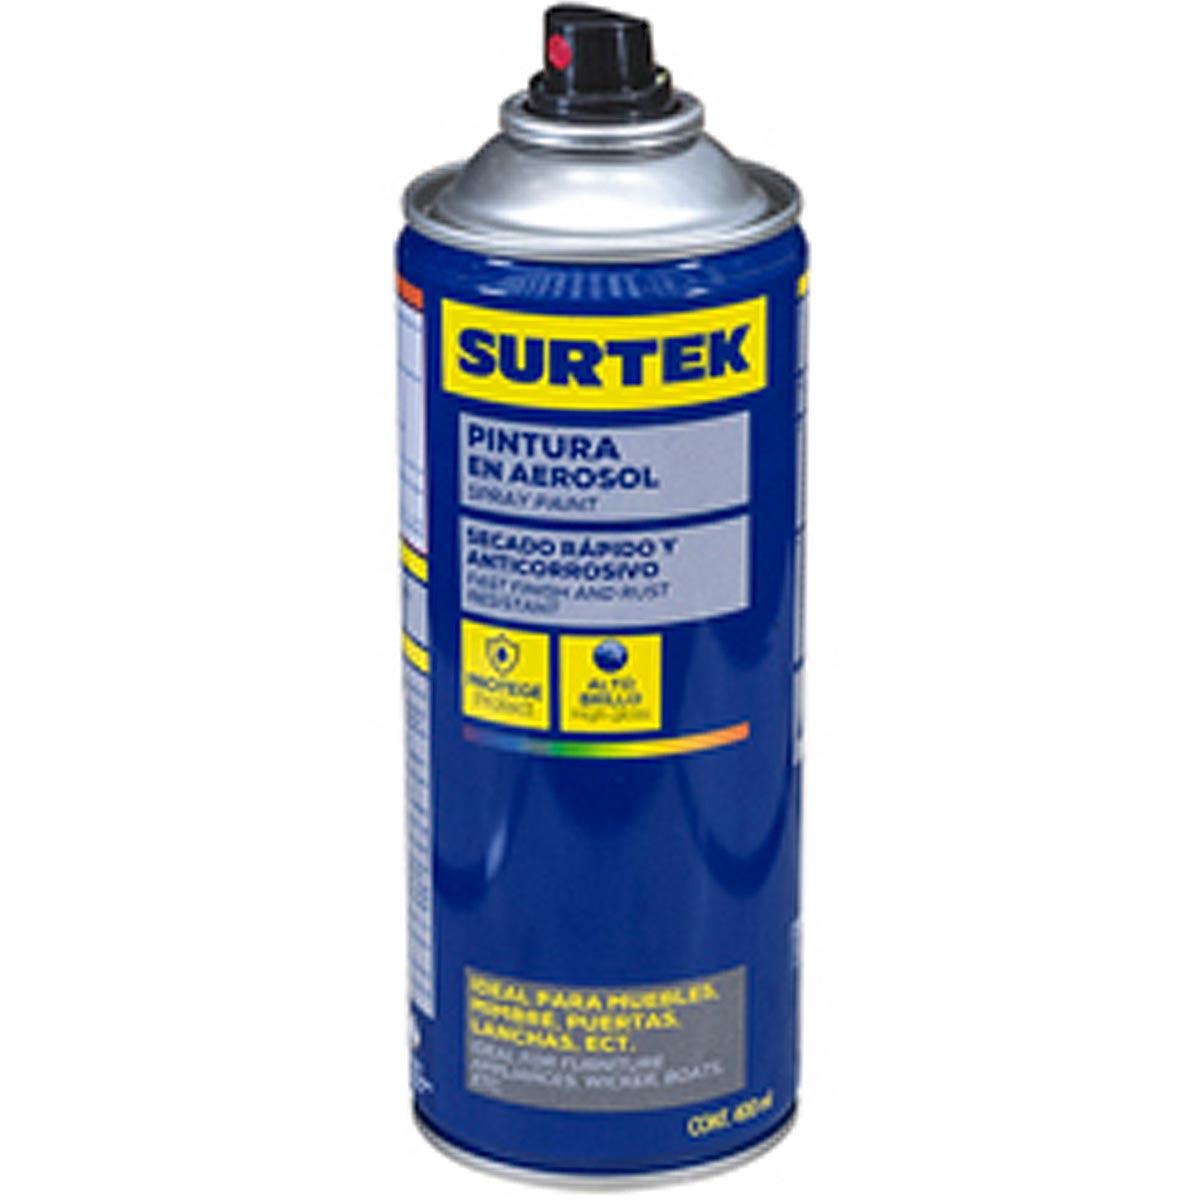 Pintura En Aerosol Spray Lata Metalico Aluminio 400Ml Surtek